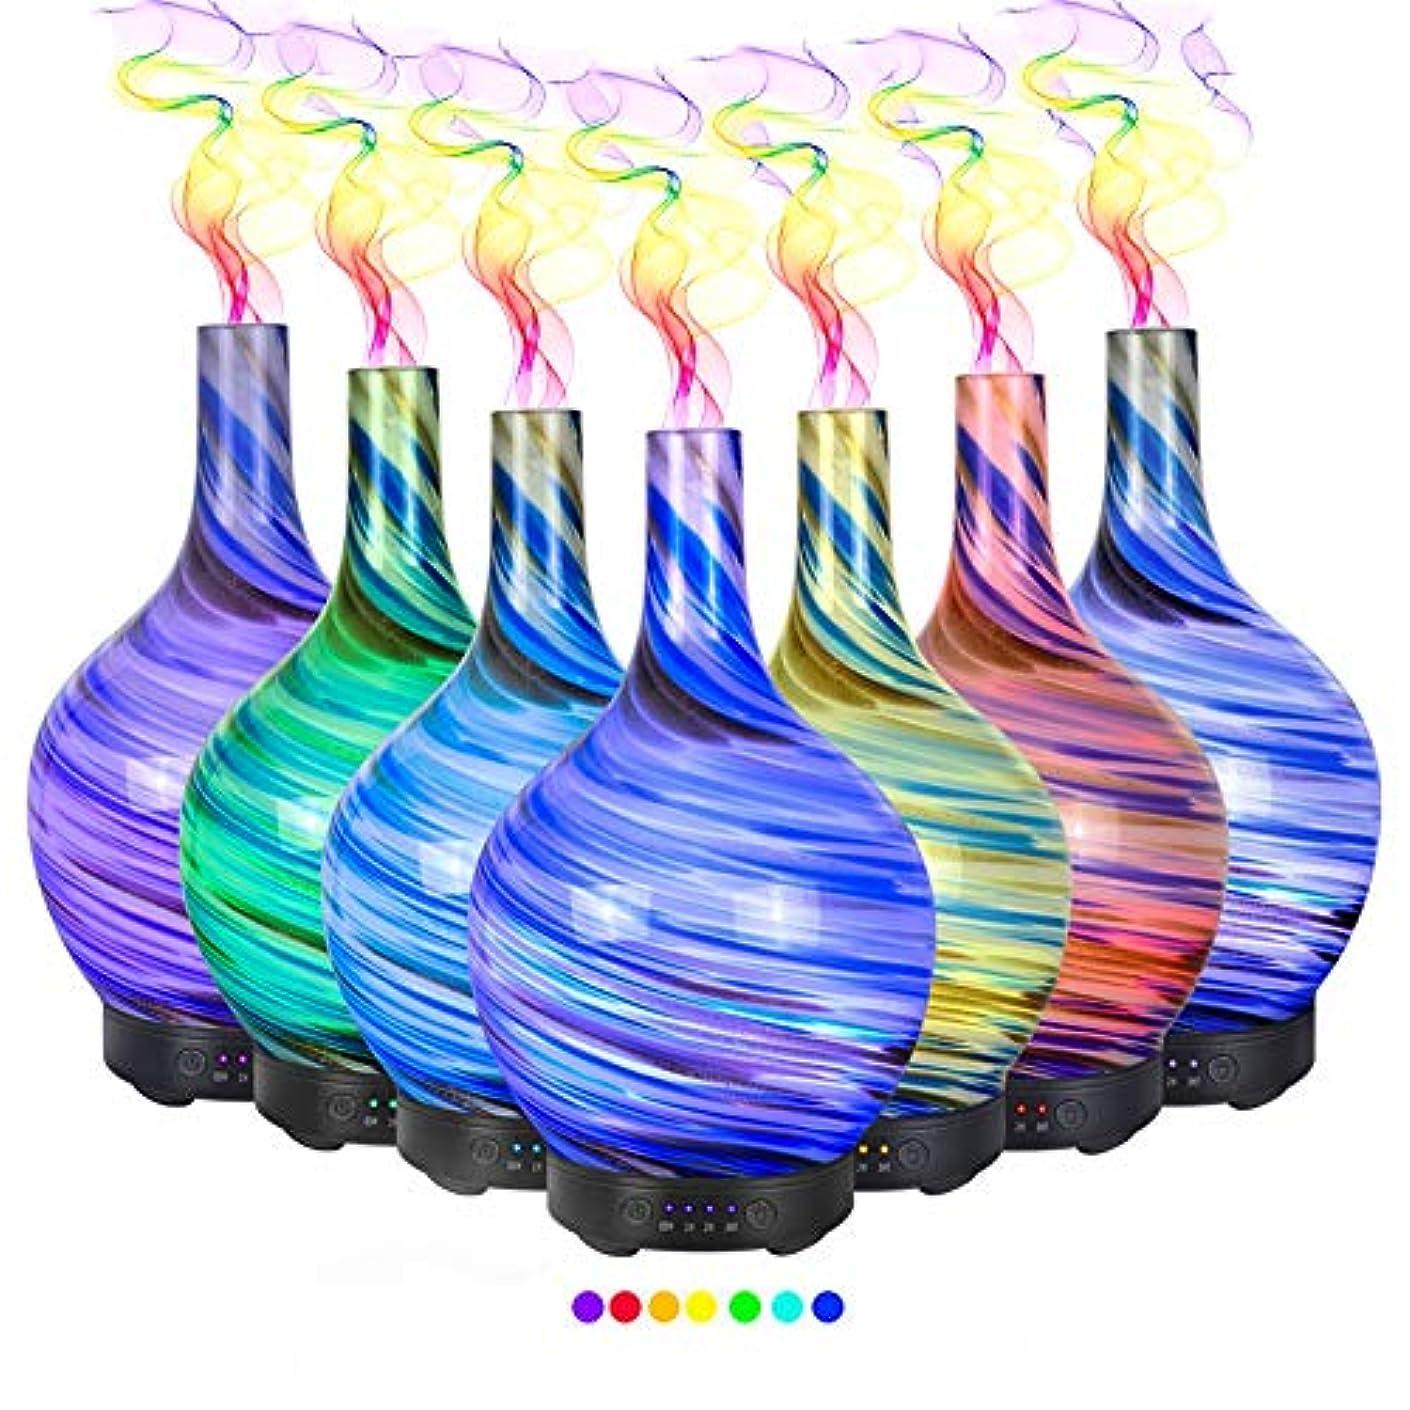 溶接酔う墓エッセンシャルオイル用ディフューザー (100ml)-3d アートガラストルネードアロマ加湿器7色の変更 LED ライト & 4 タイマー設定、水なしの自動シャットオフ